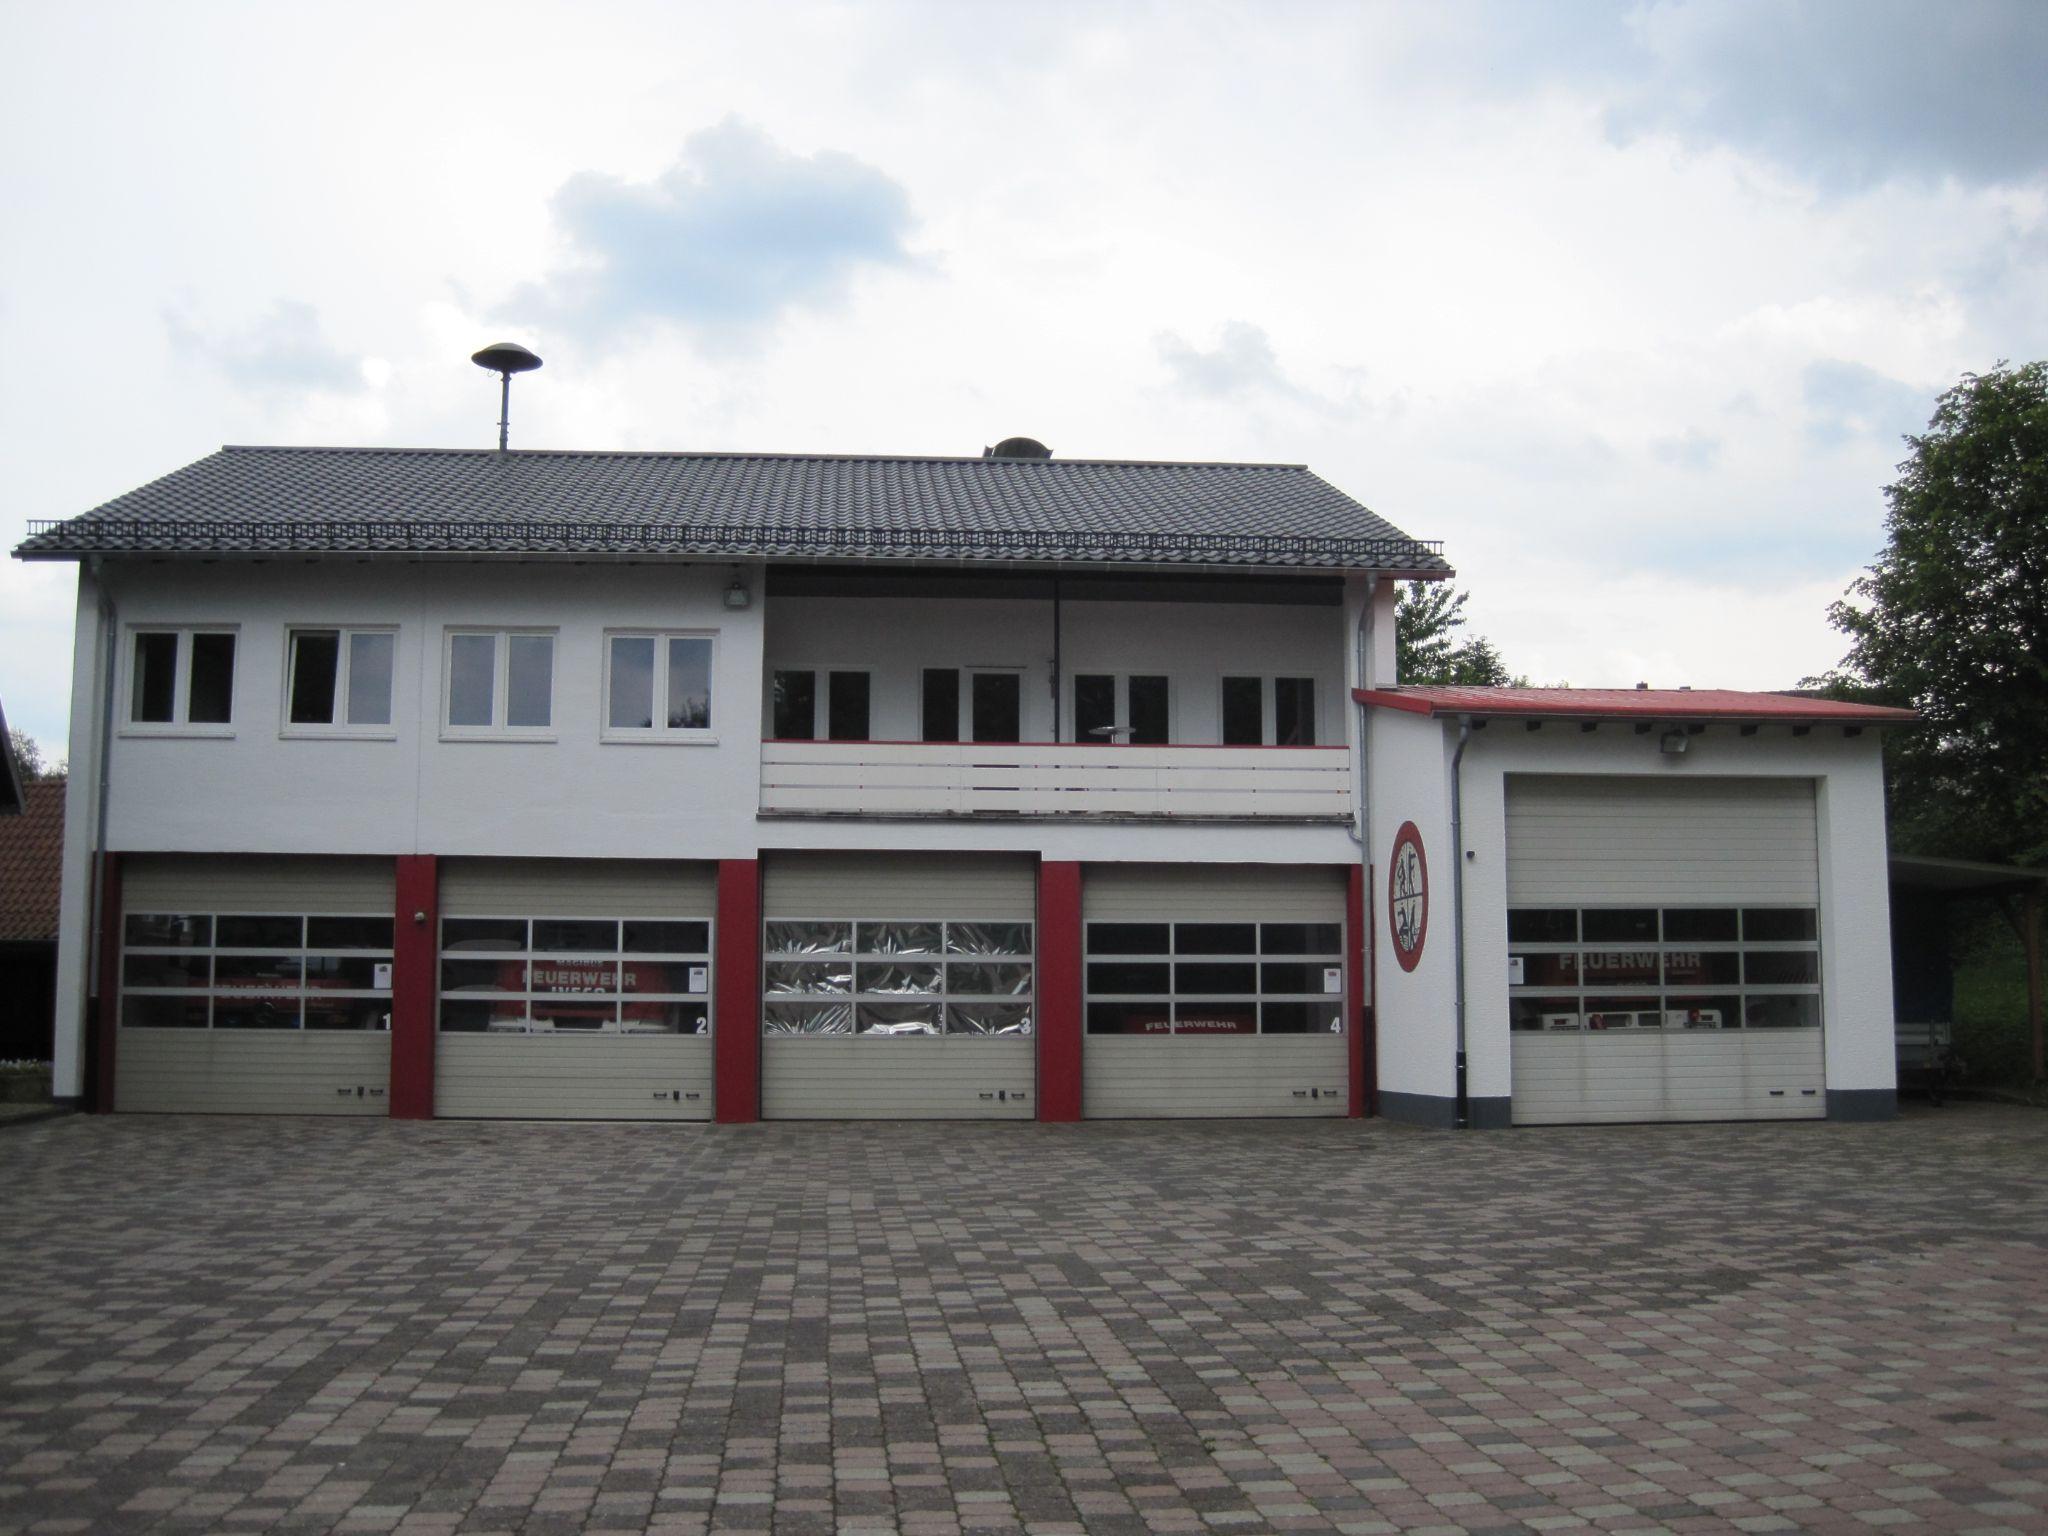 Das Gerätehaus des Löschzugs Altenbeken mit 4 Fahrzeughallen und einer Umkleide (Tor 3).